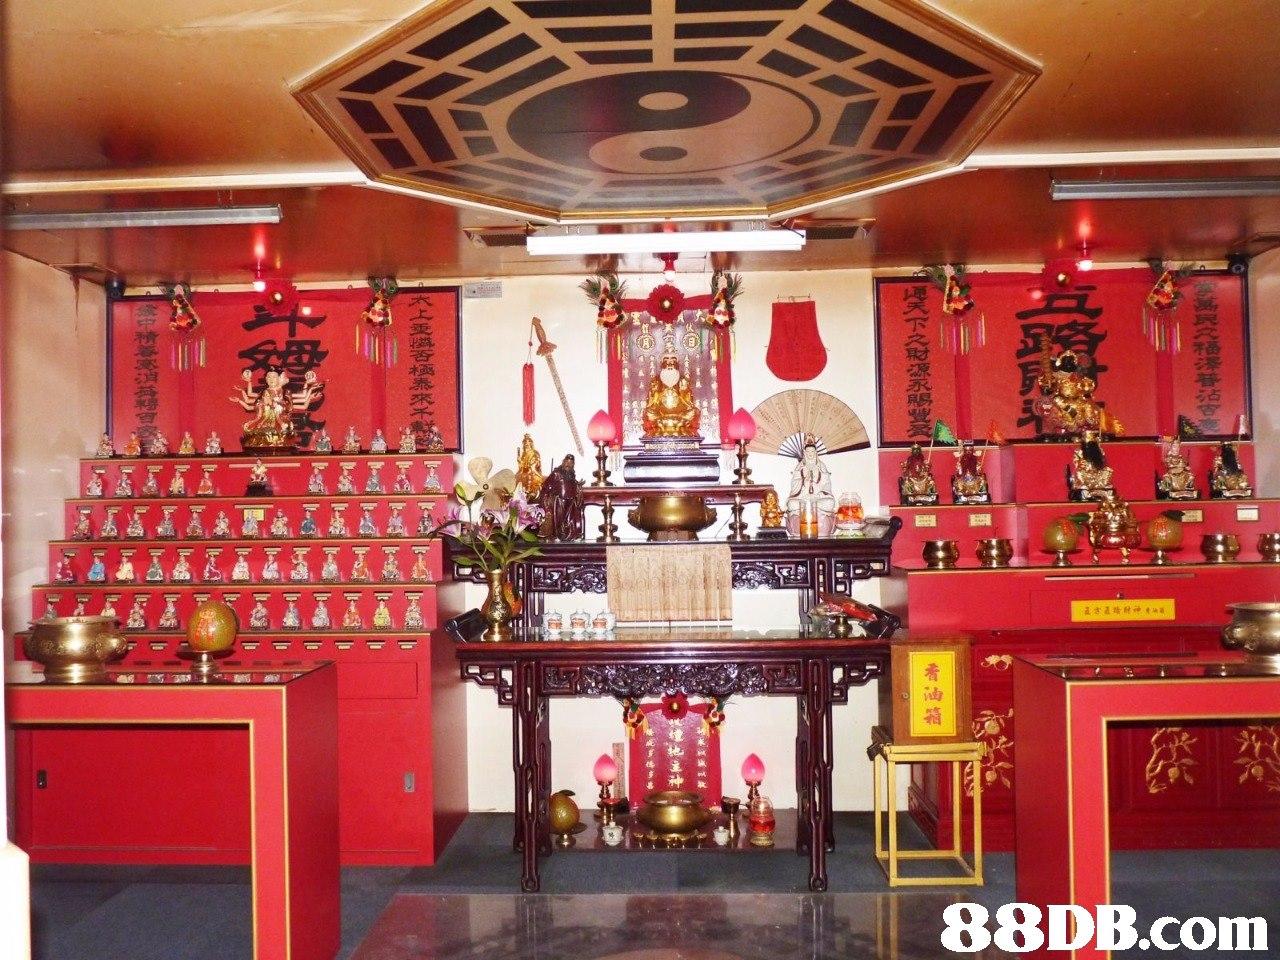 占   Shrine,Place of worship,Building,Temple,Room